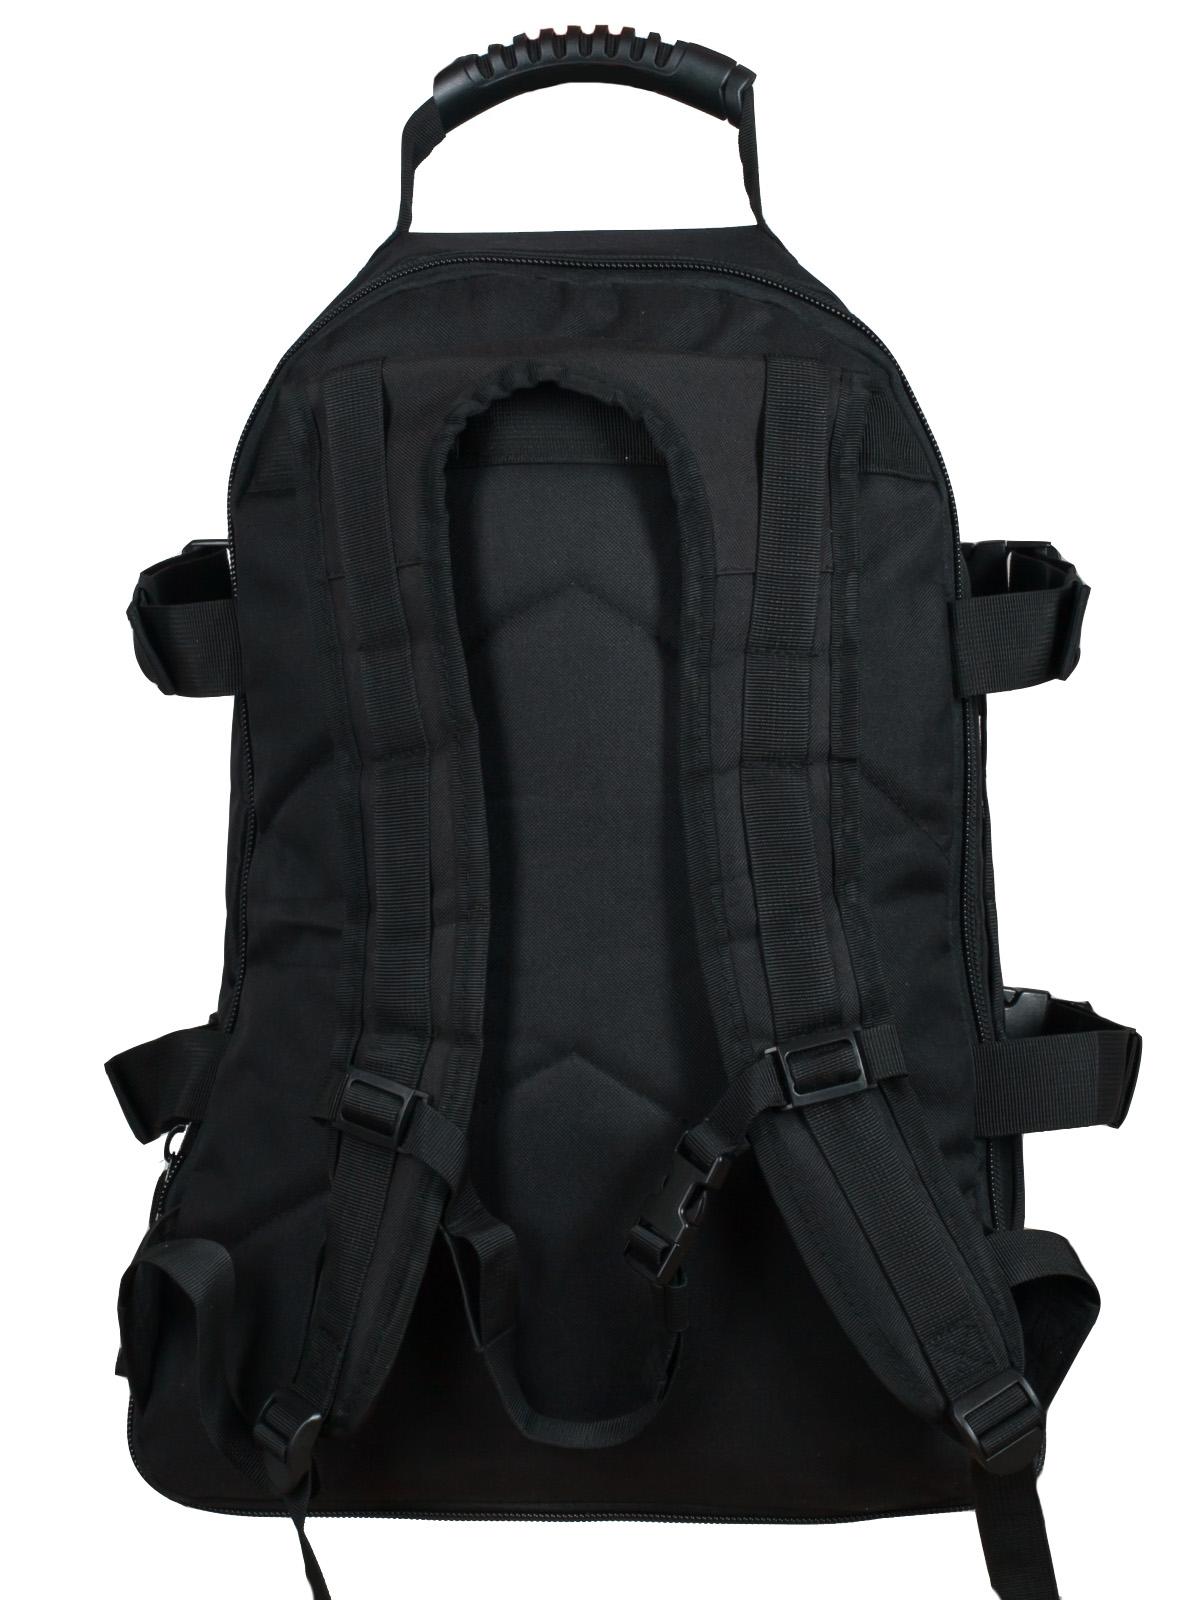 Универсальный мужской рюкзак с нашивкой ПС - заказать по экономичной цене